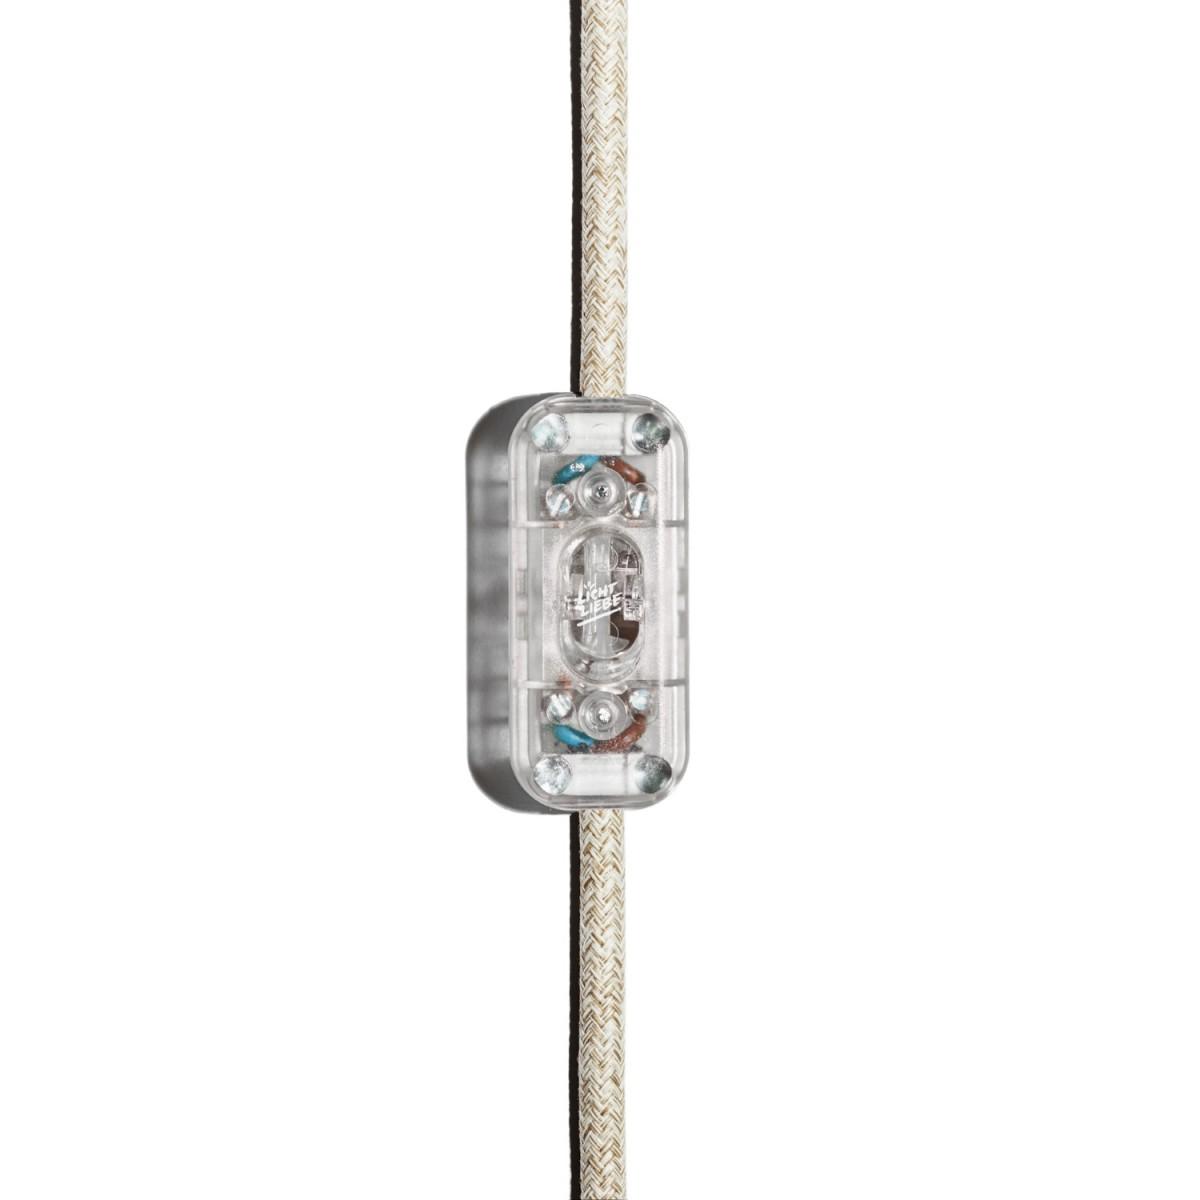 Tischleuchte Fafoo in Eiche mit stylischer Edison Mirror LED Kopfspiegellampe und nur 5 Watt